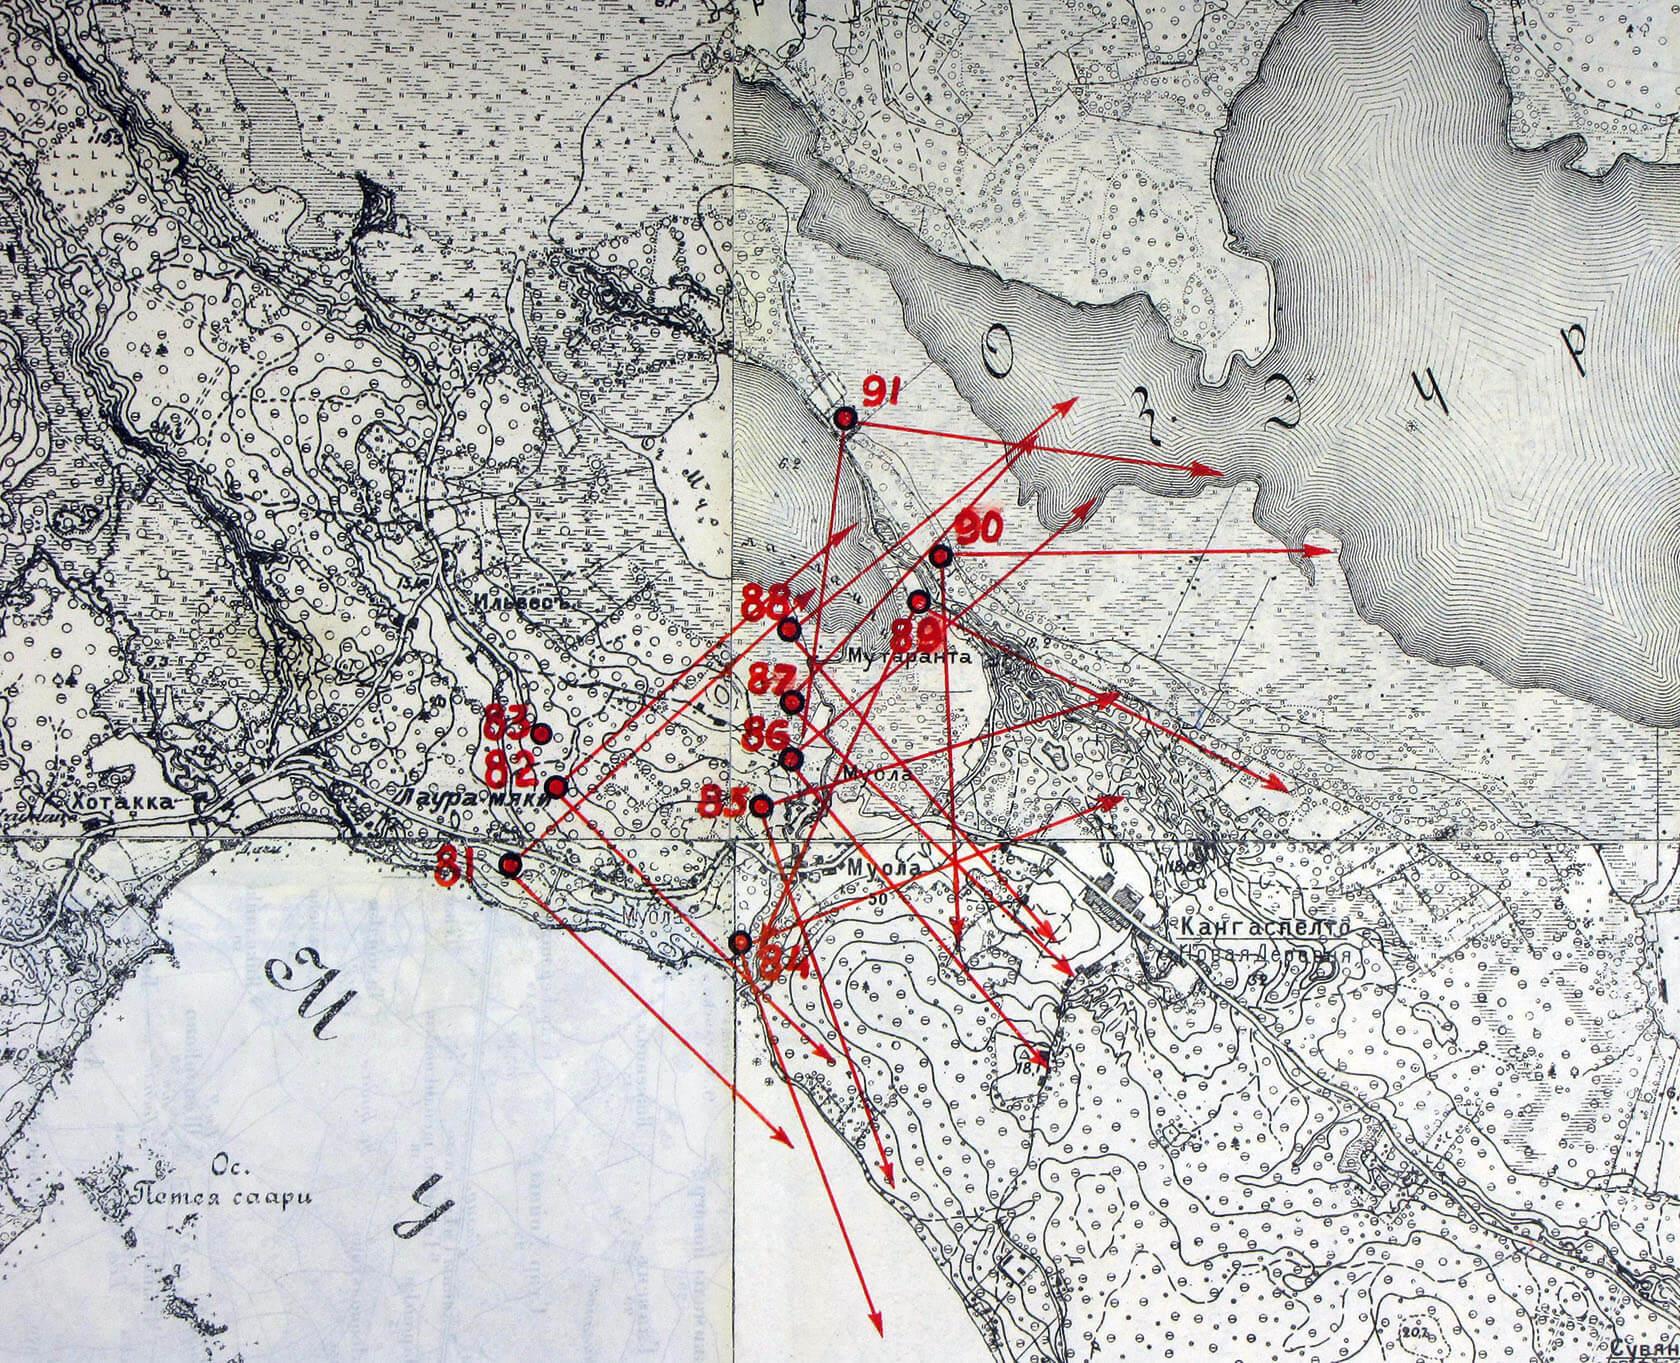 Фрагменты «Черного альбома»: узел Muolaa. Красными линиями отмечены сектора обстрелов